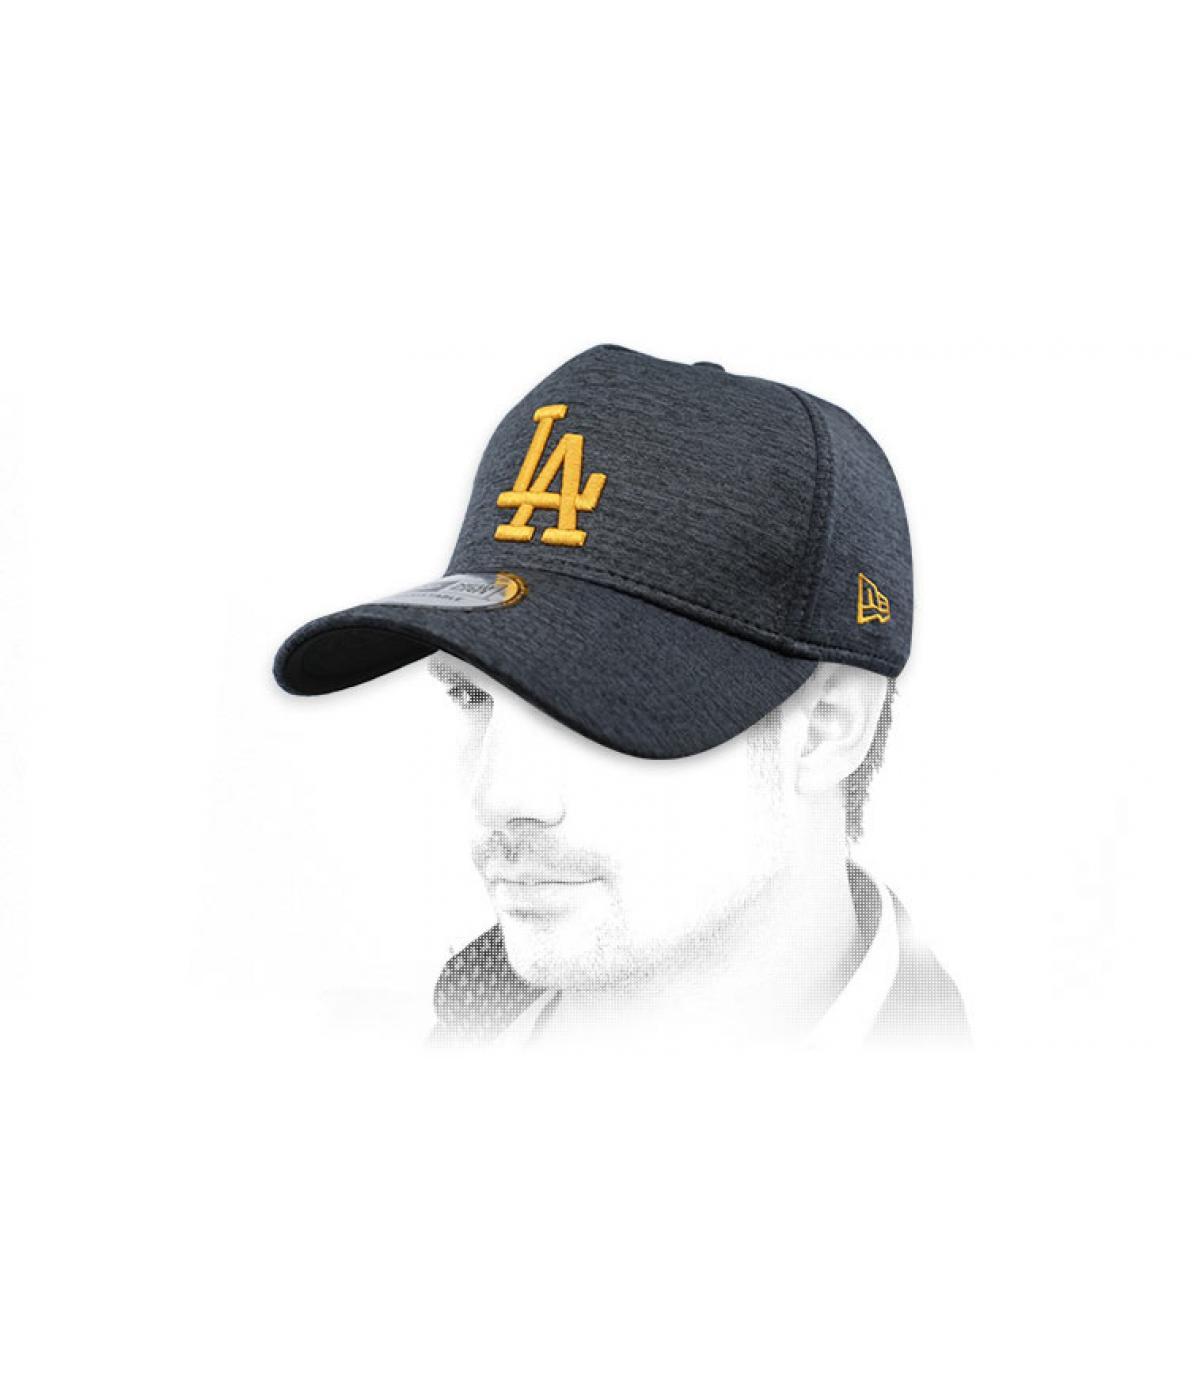 casquette LA noir jaune